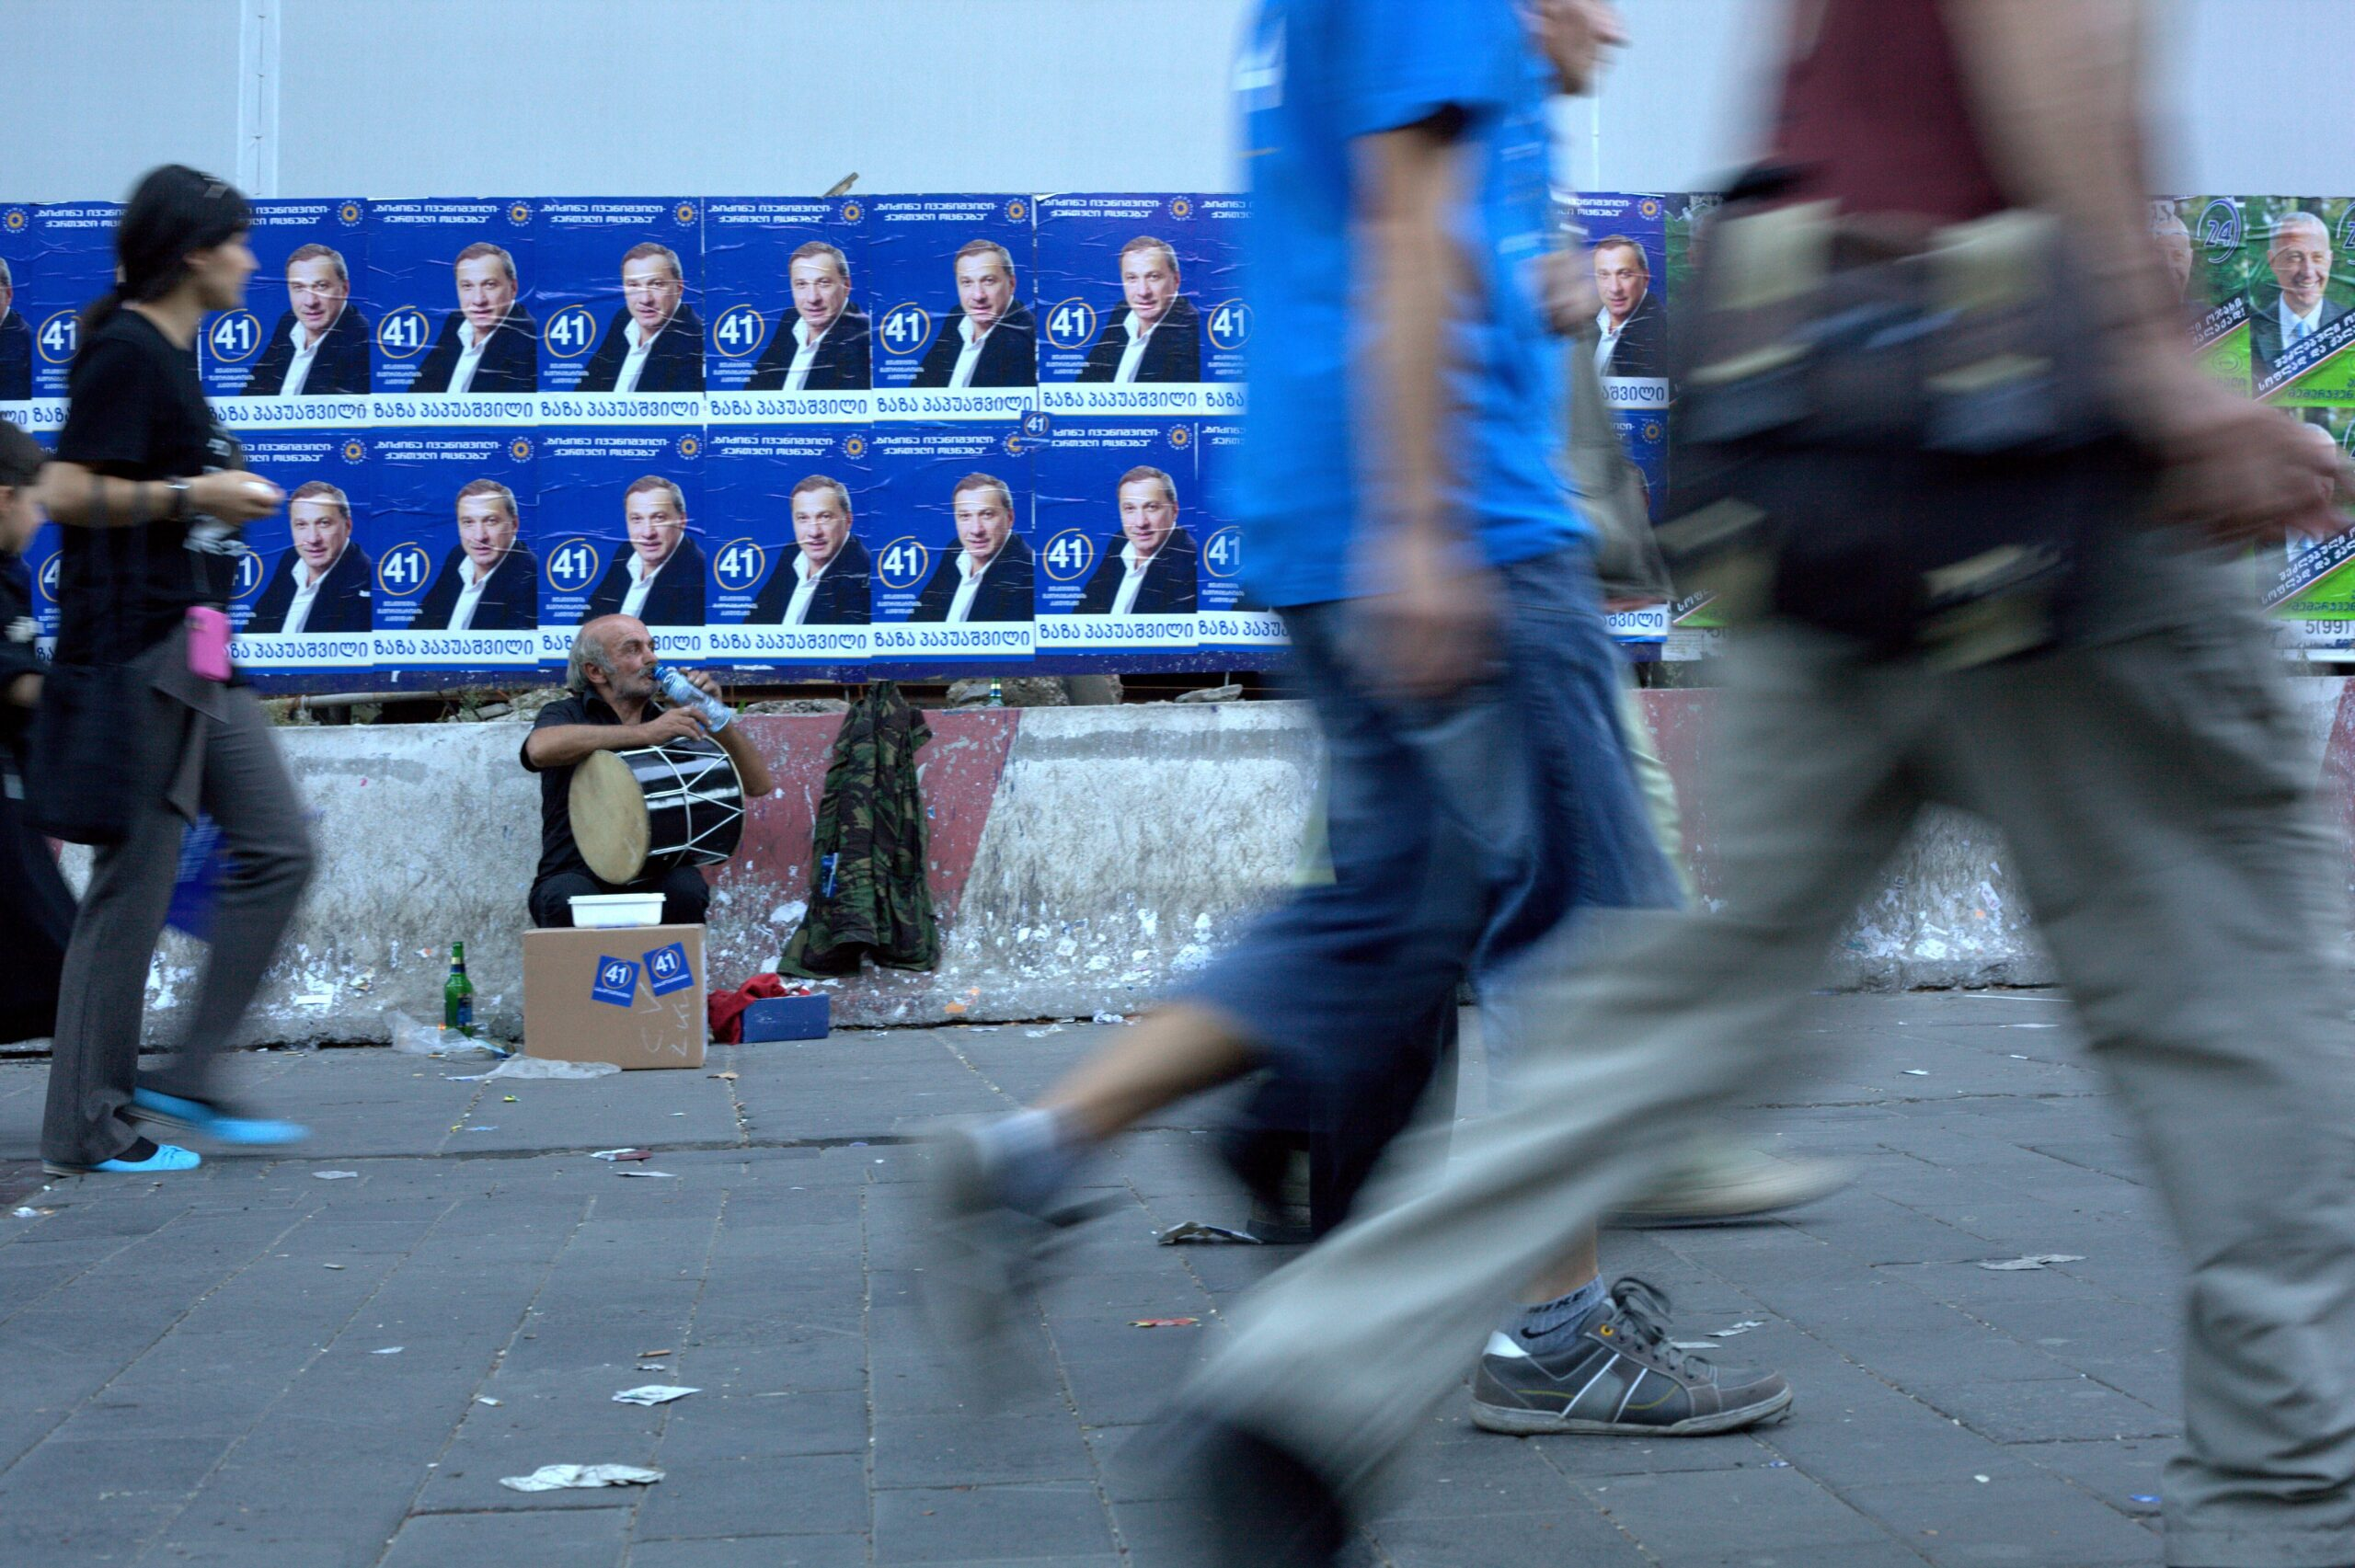 Podejrzewasz fałszerstwo wyborcze? Możesz zgłosić protest!